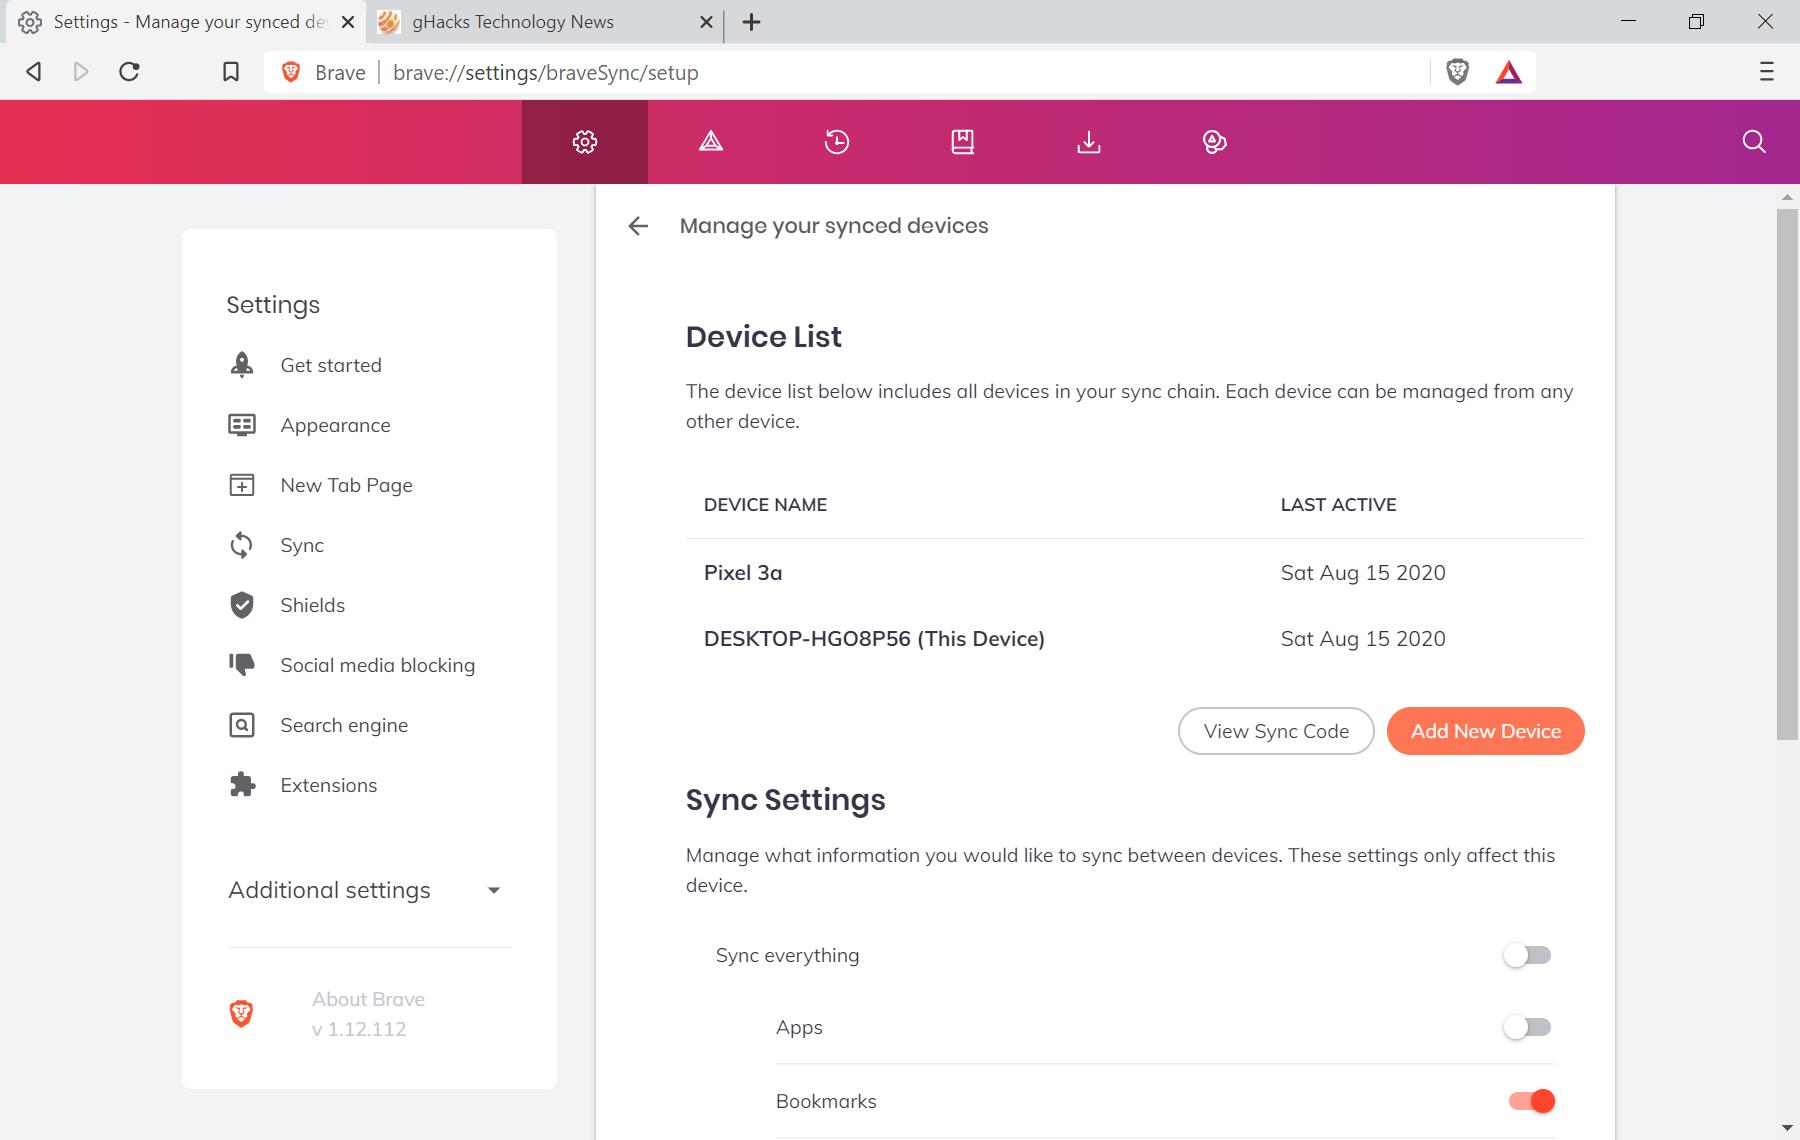 brave sync v2 desktop